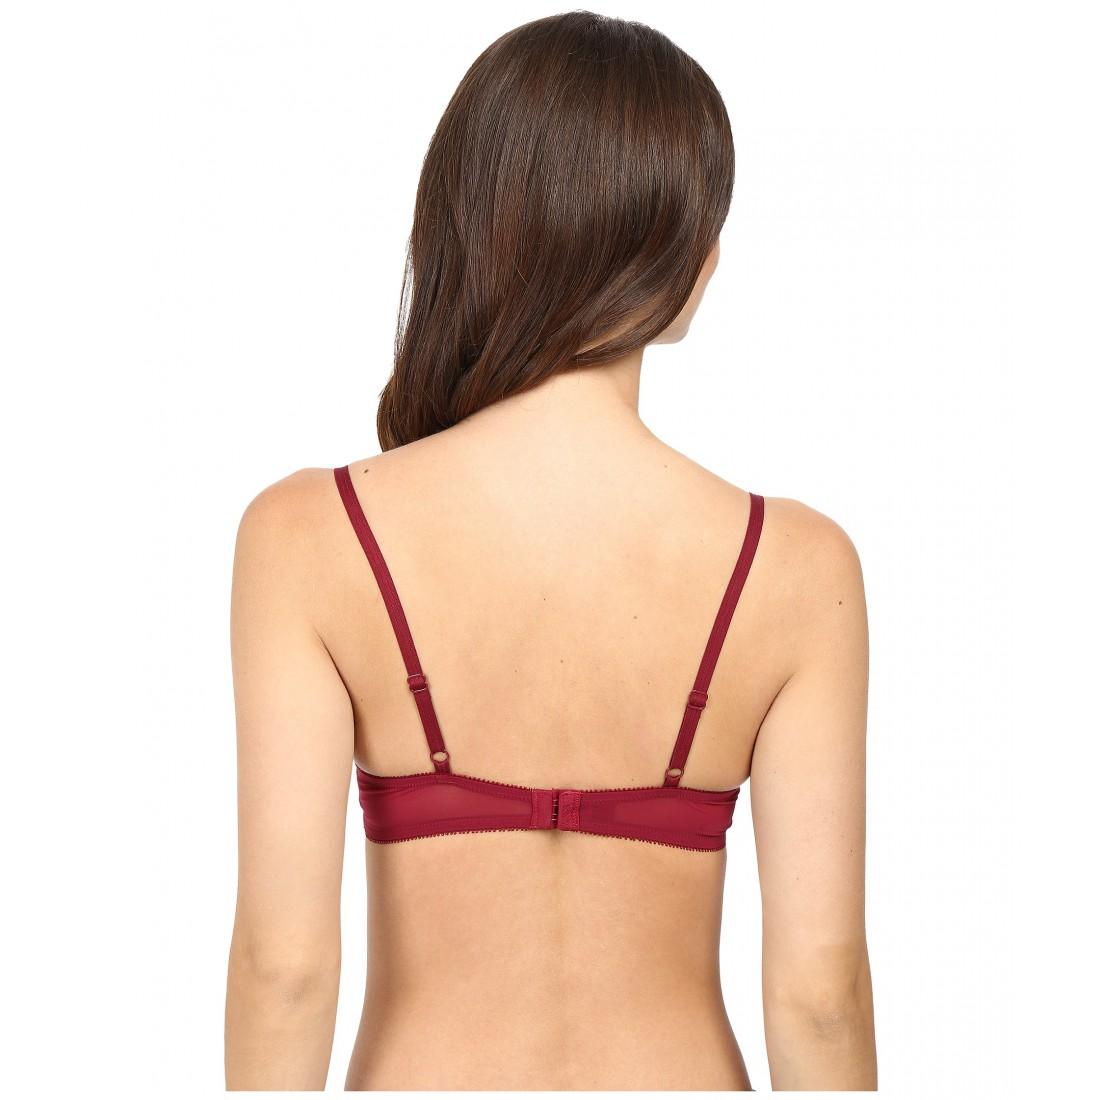 289081f613 DKNY Intimates Sheer Lace Balconette Bra ZPSKU 8768125 Cranberry